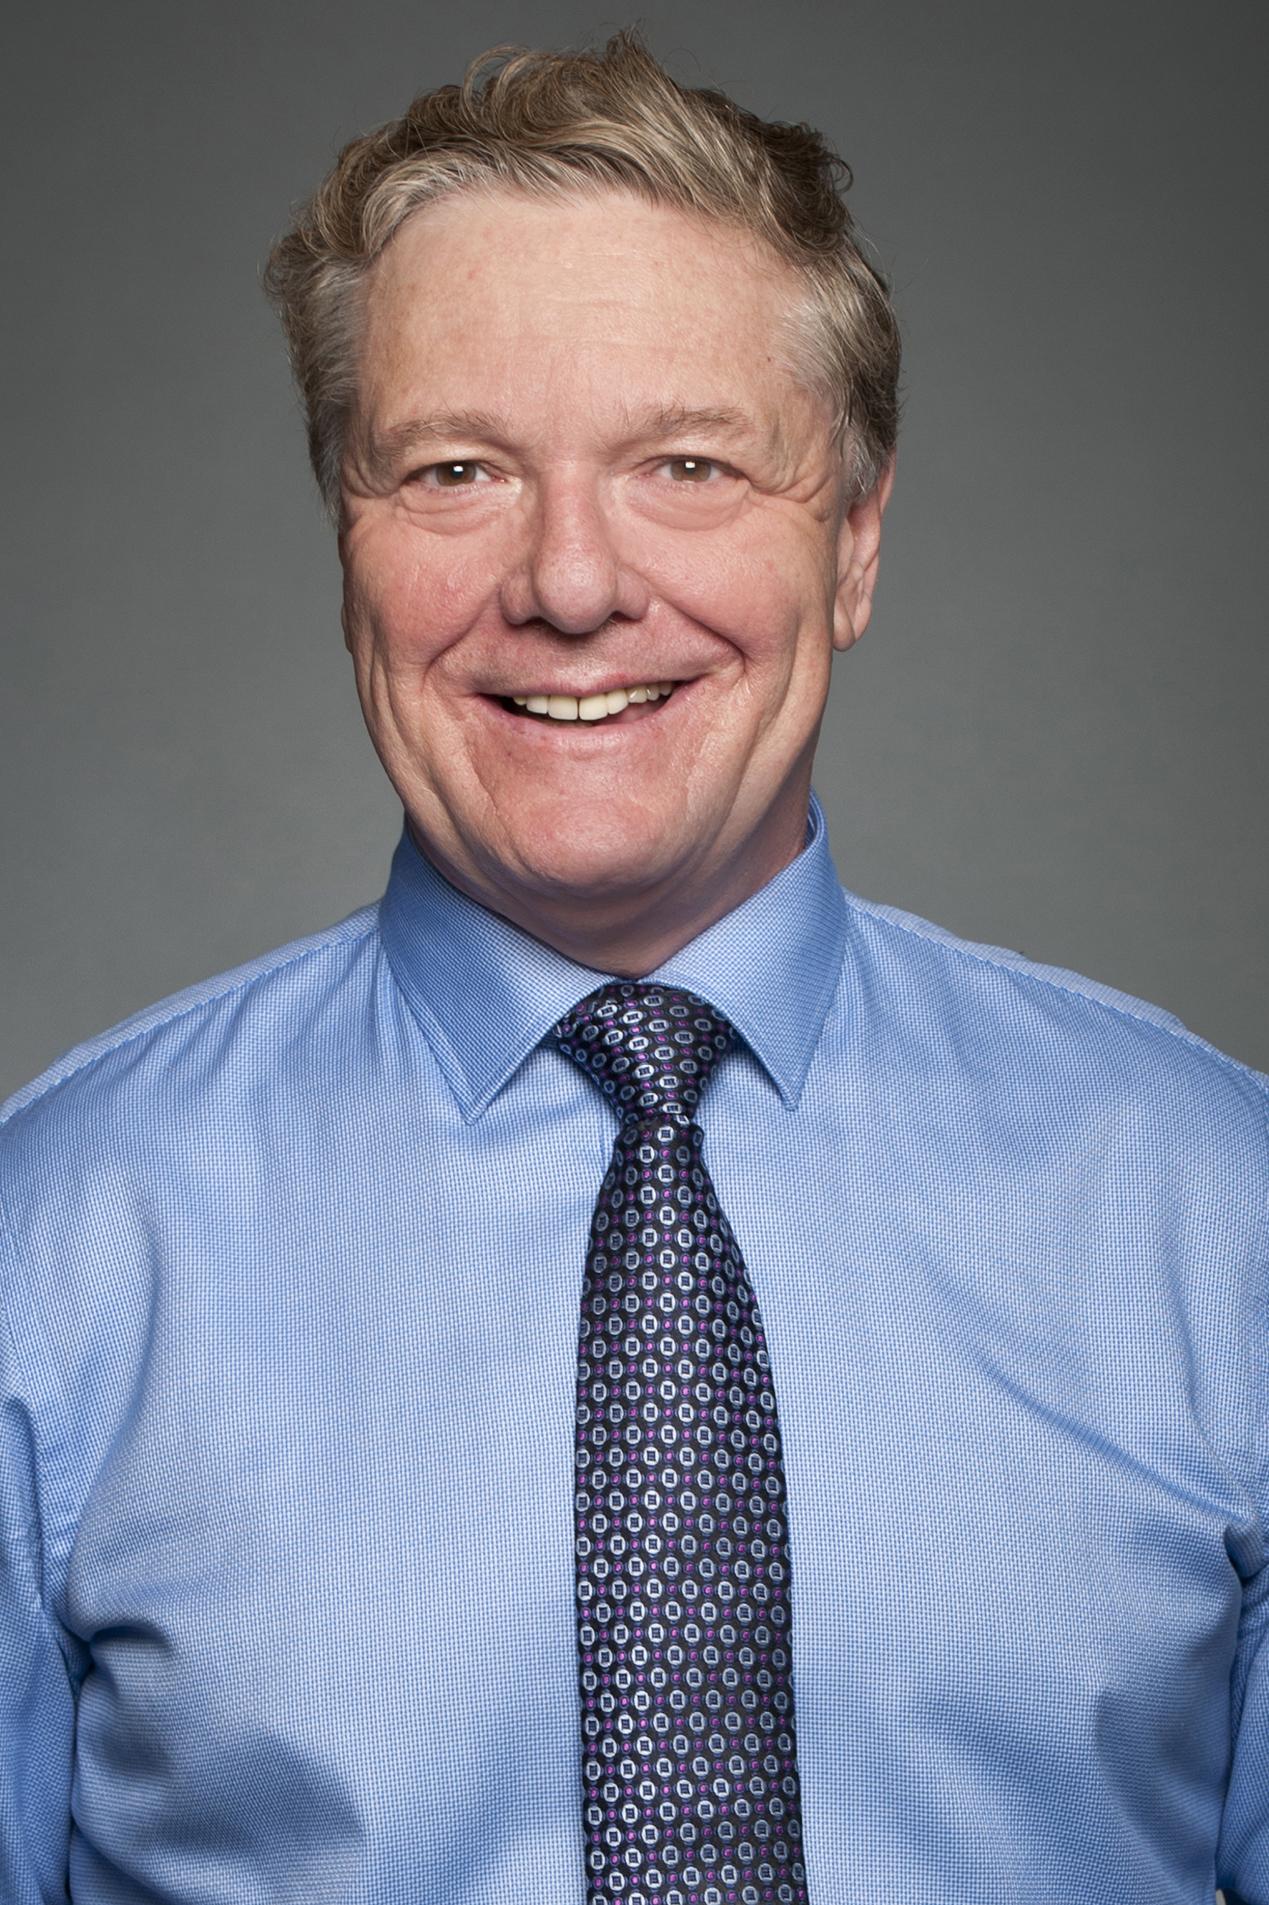 Benoît Pelletier